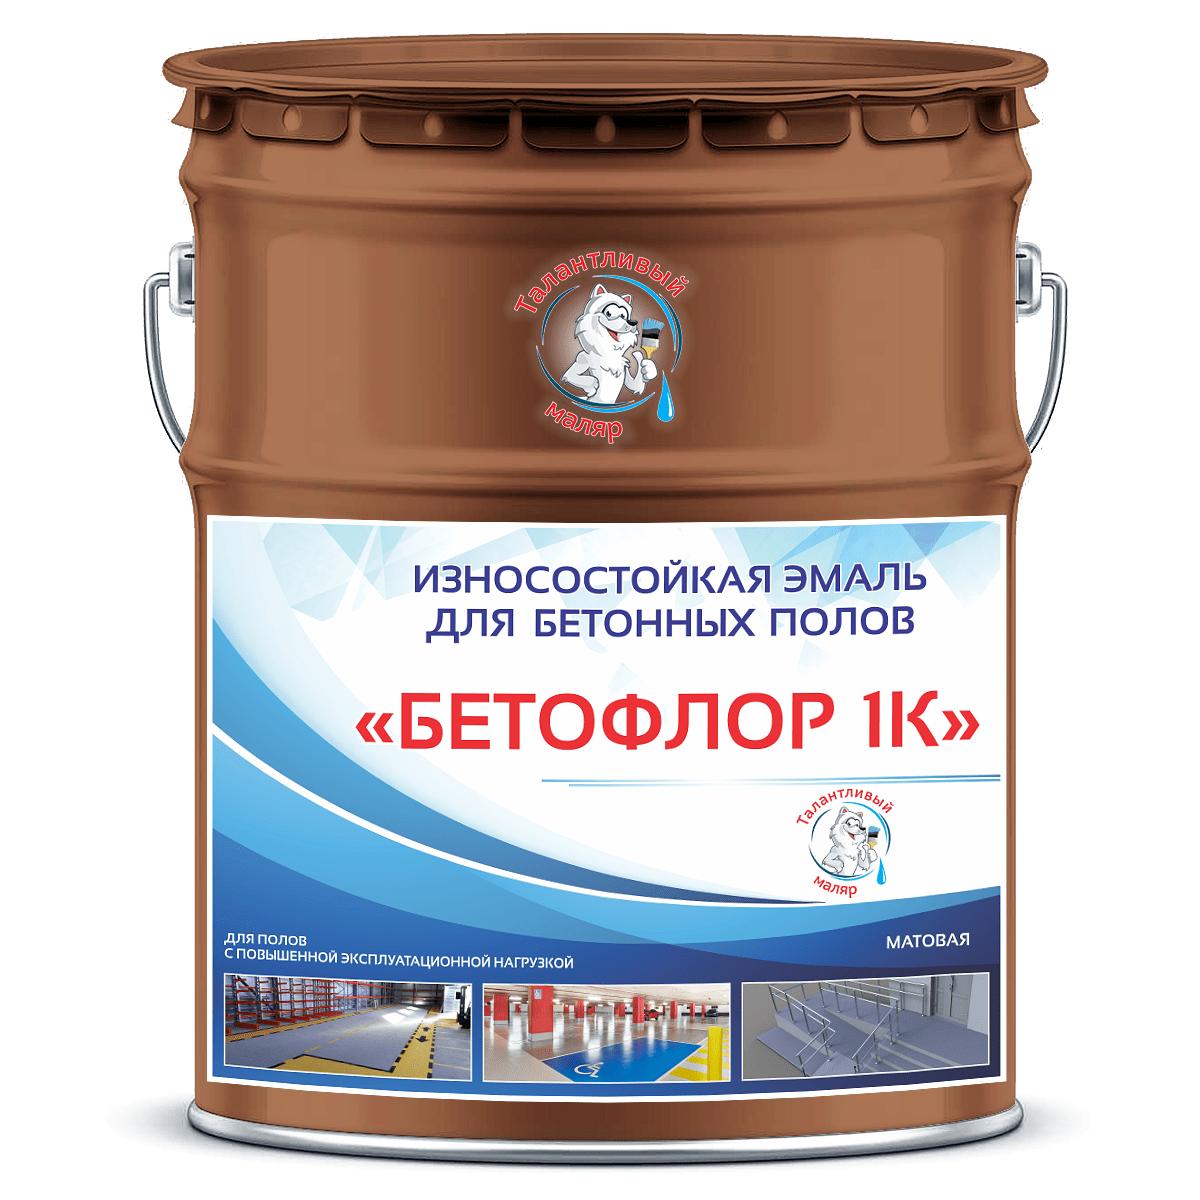 """Фото 3 - BF8002 Эмаль для бетонных полов """"Бетофлор"""" 1К цвет RAL 8002 Сигнальный коричневый, матовая износостойкая, 25 кг """"Талантливый Маляр""""."""